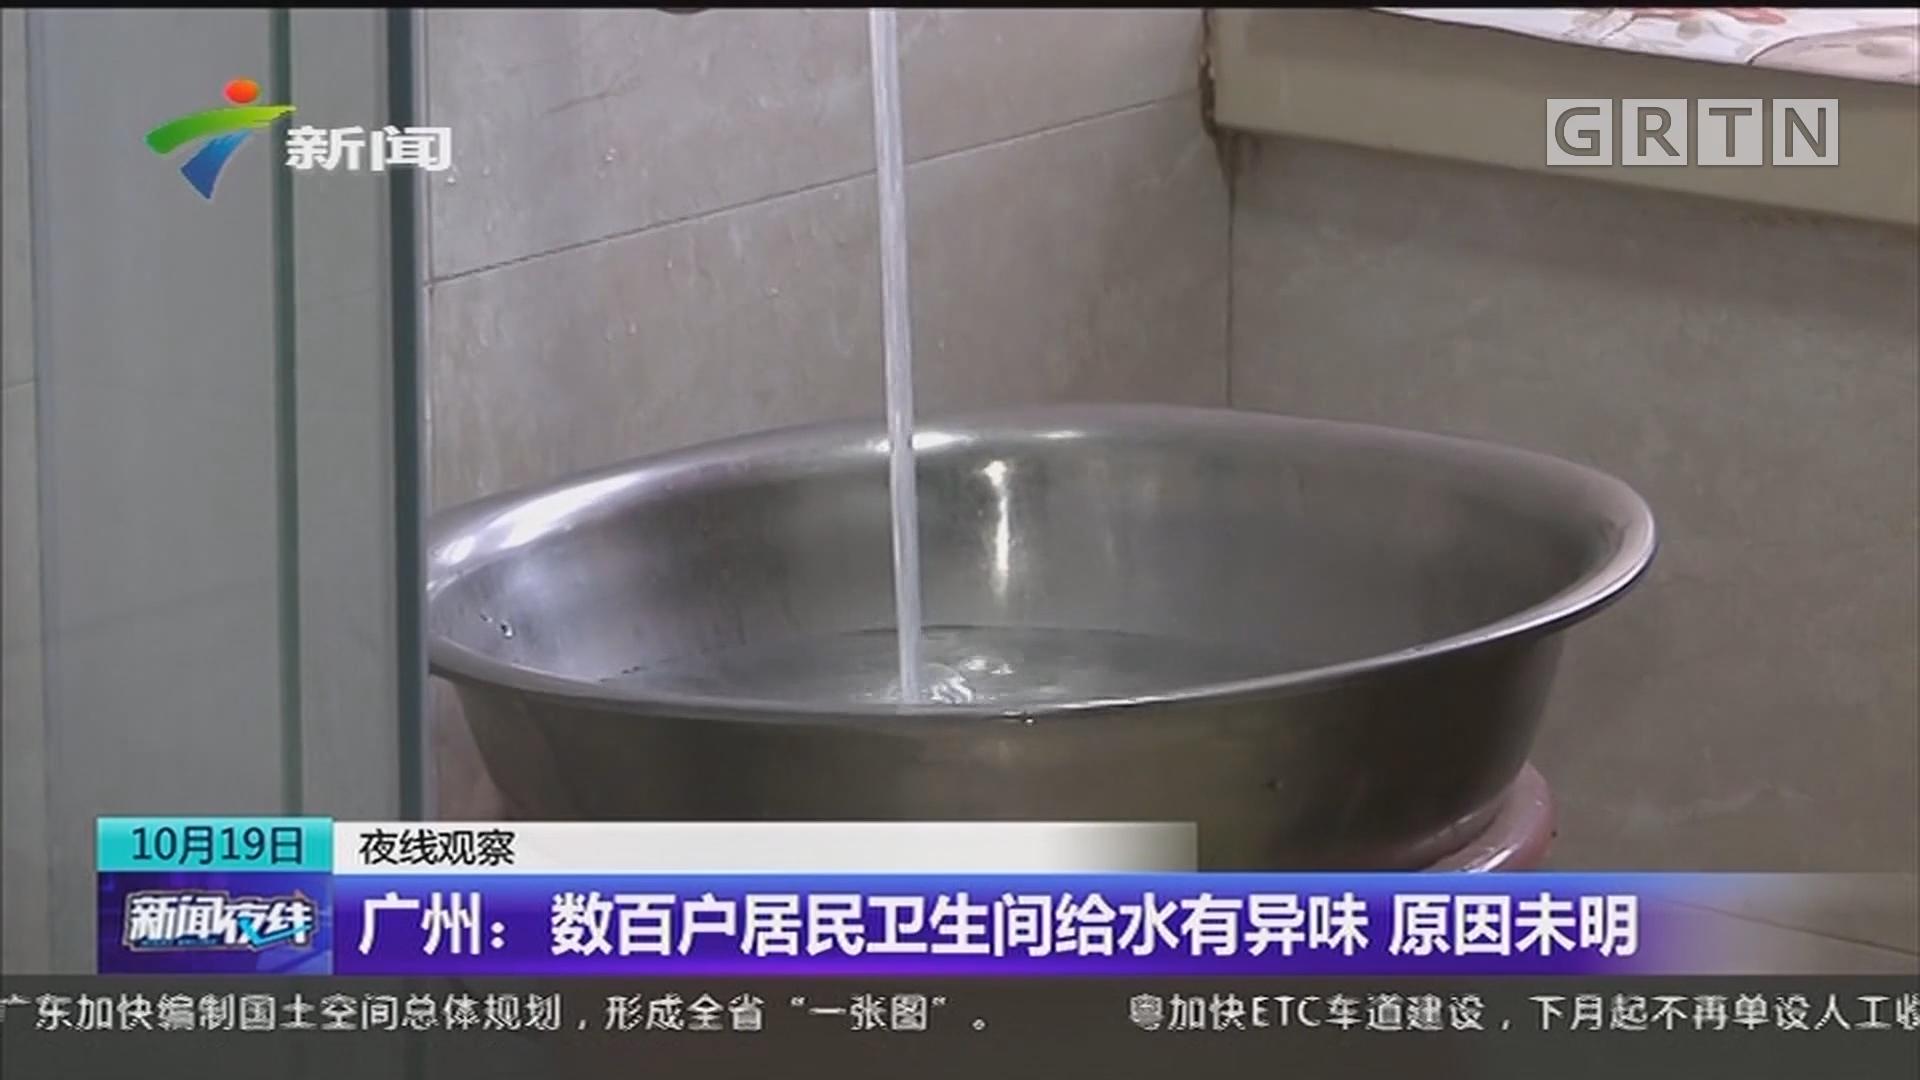 广州:数百户居民卫生间给水有异味 原因未明